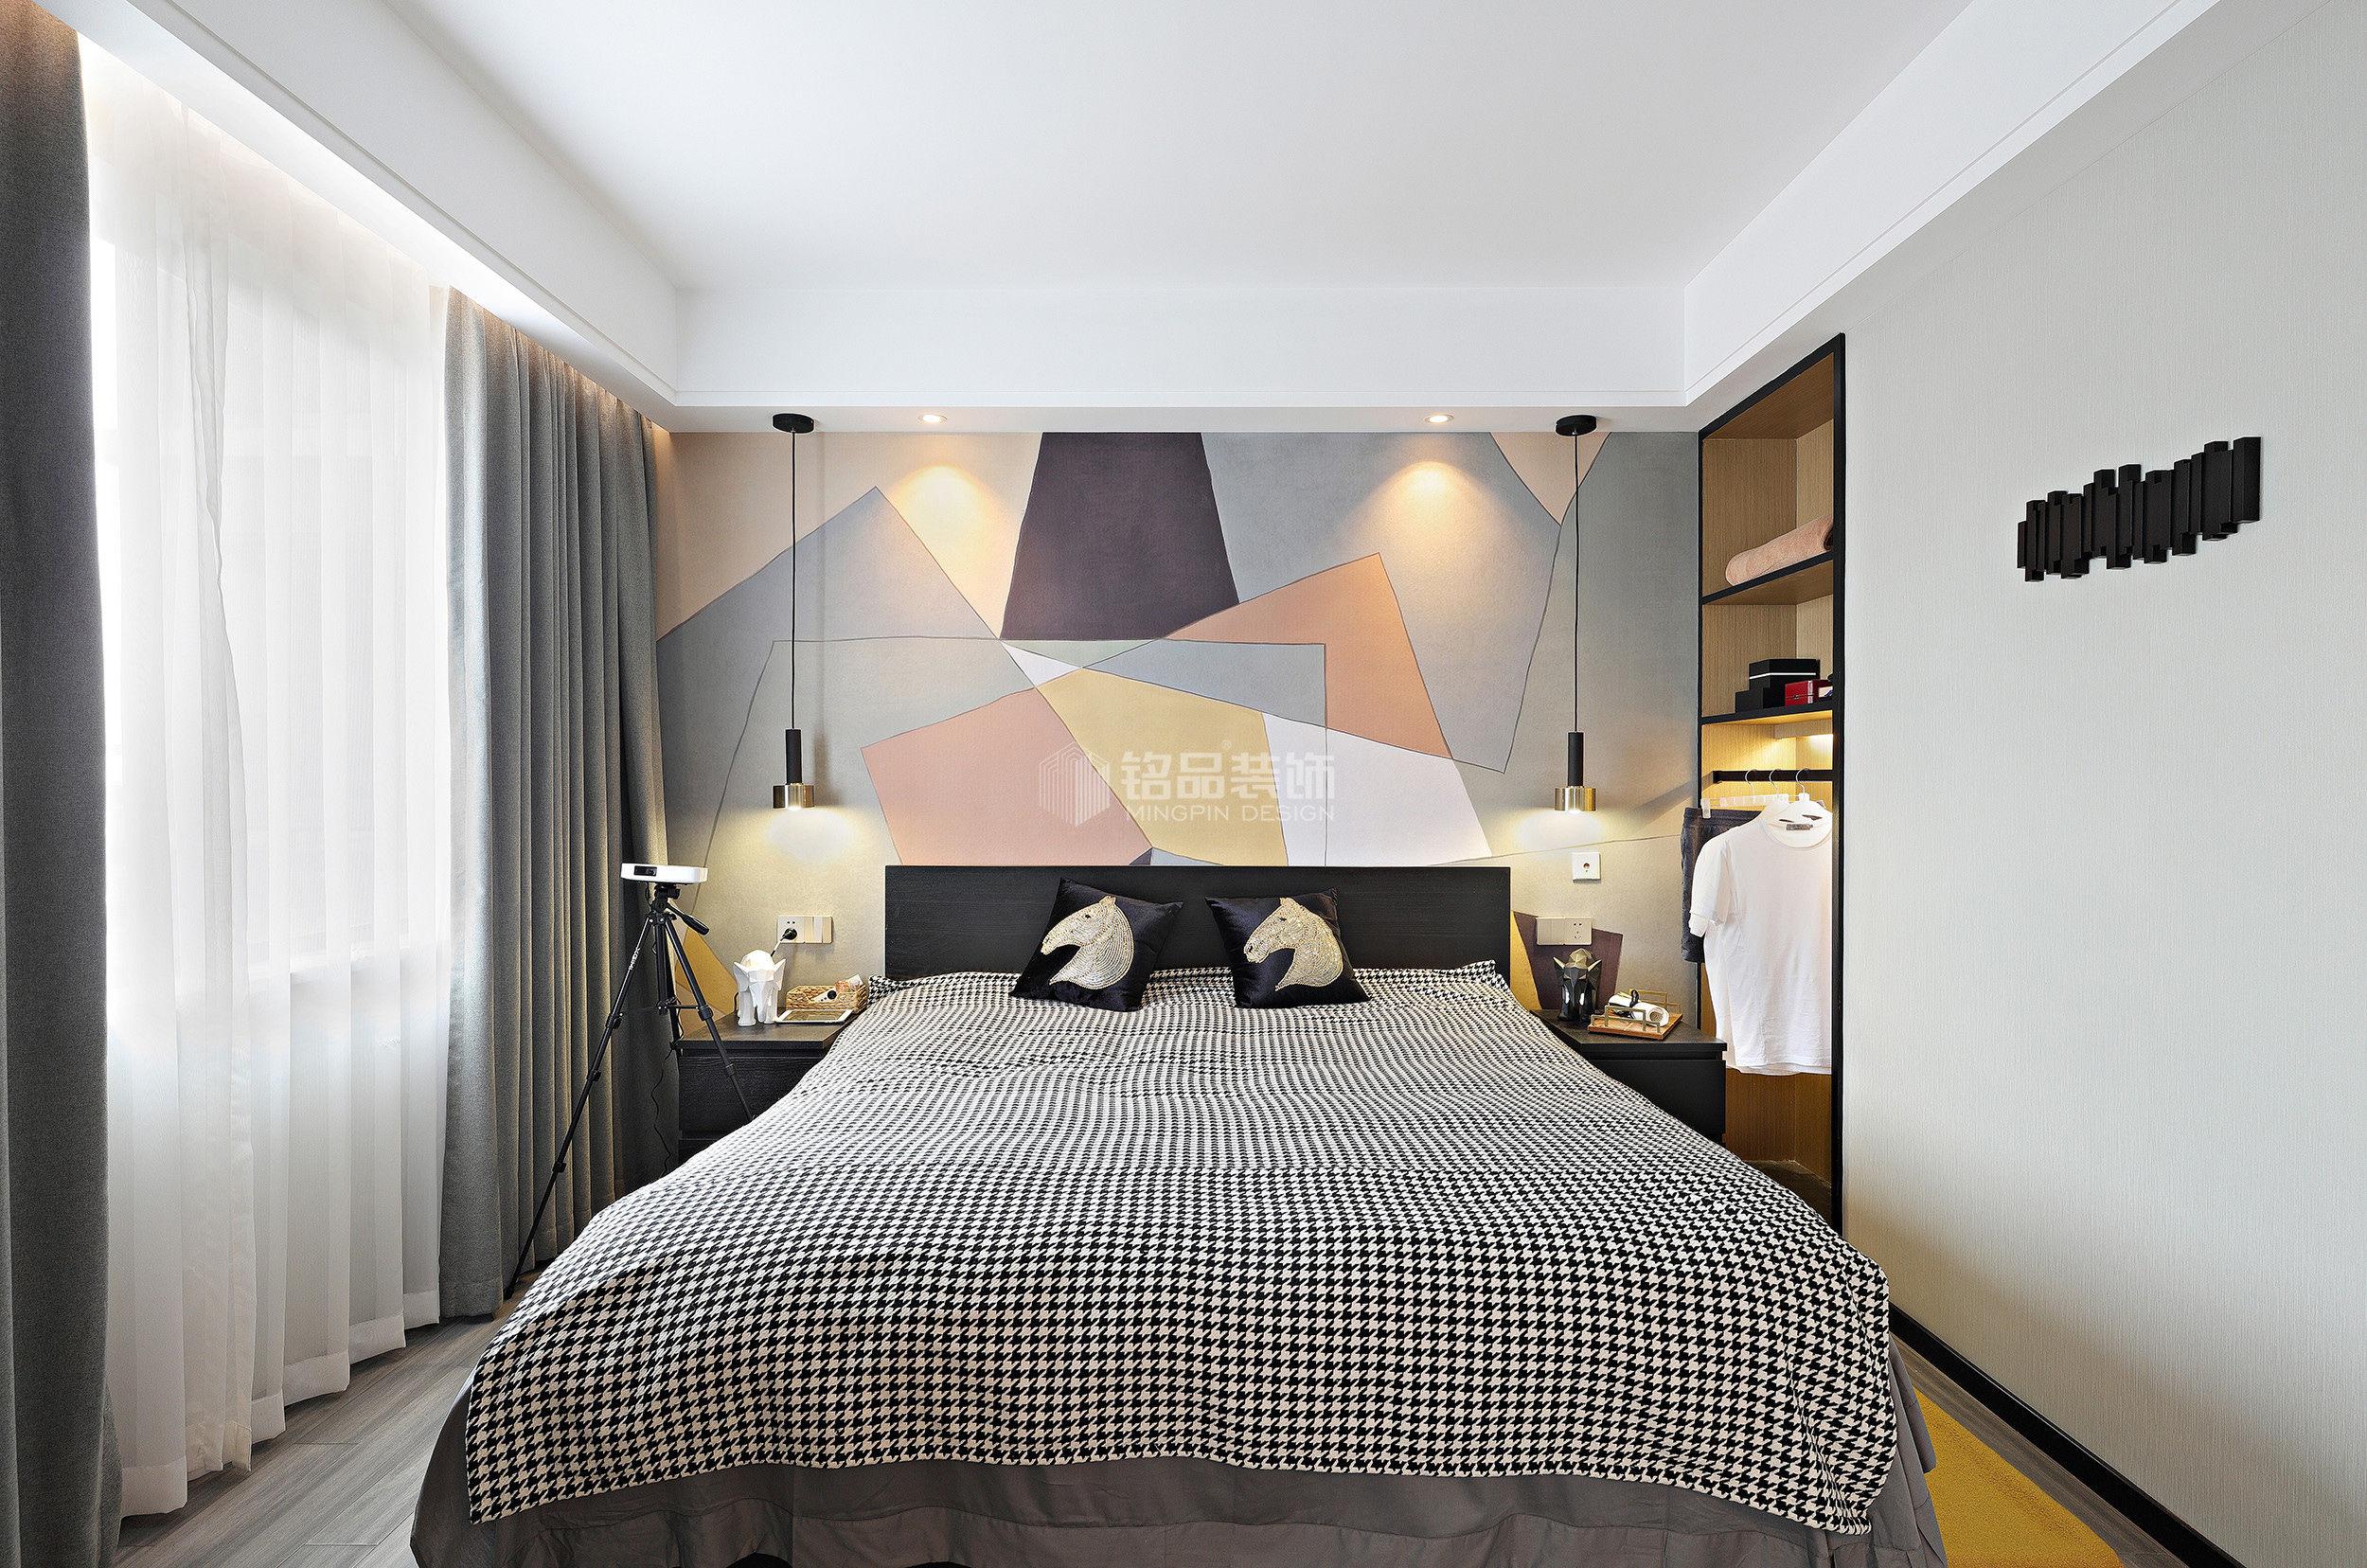 简约风格二居室装修案例,77平米的房子装修多少钱?-金地自在城装修